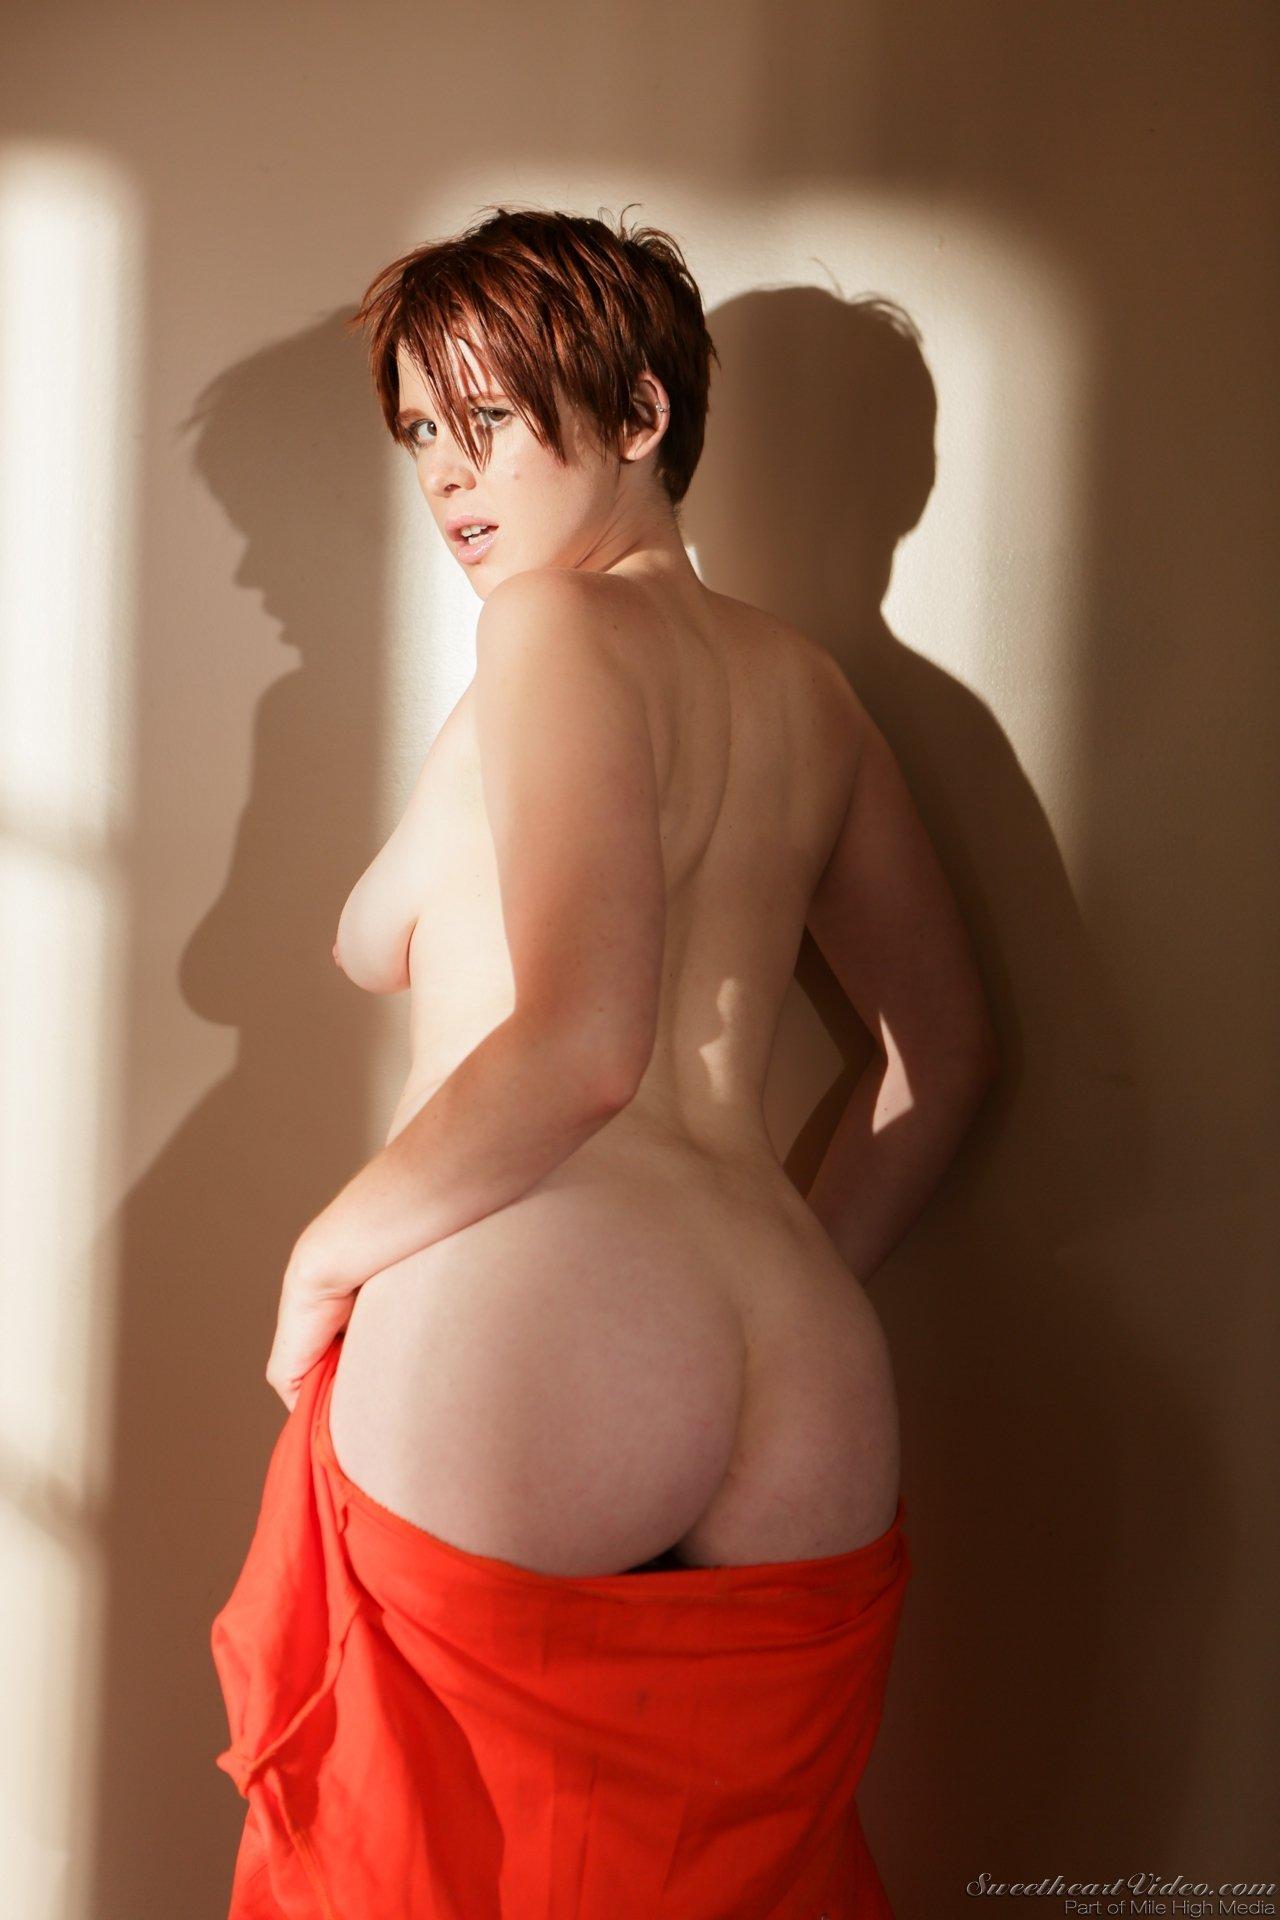 Рыжая - Фото галерея 1051436